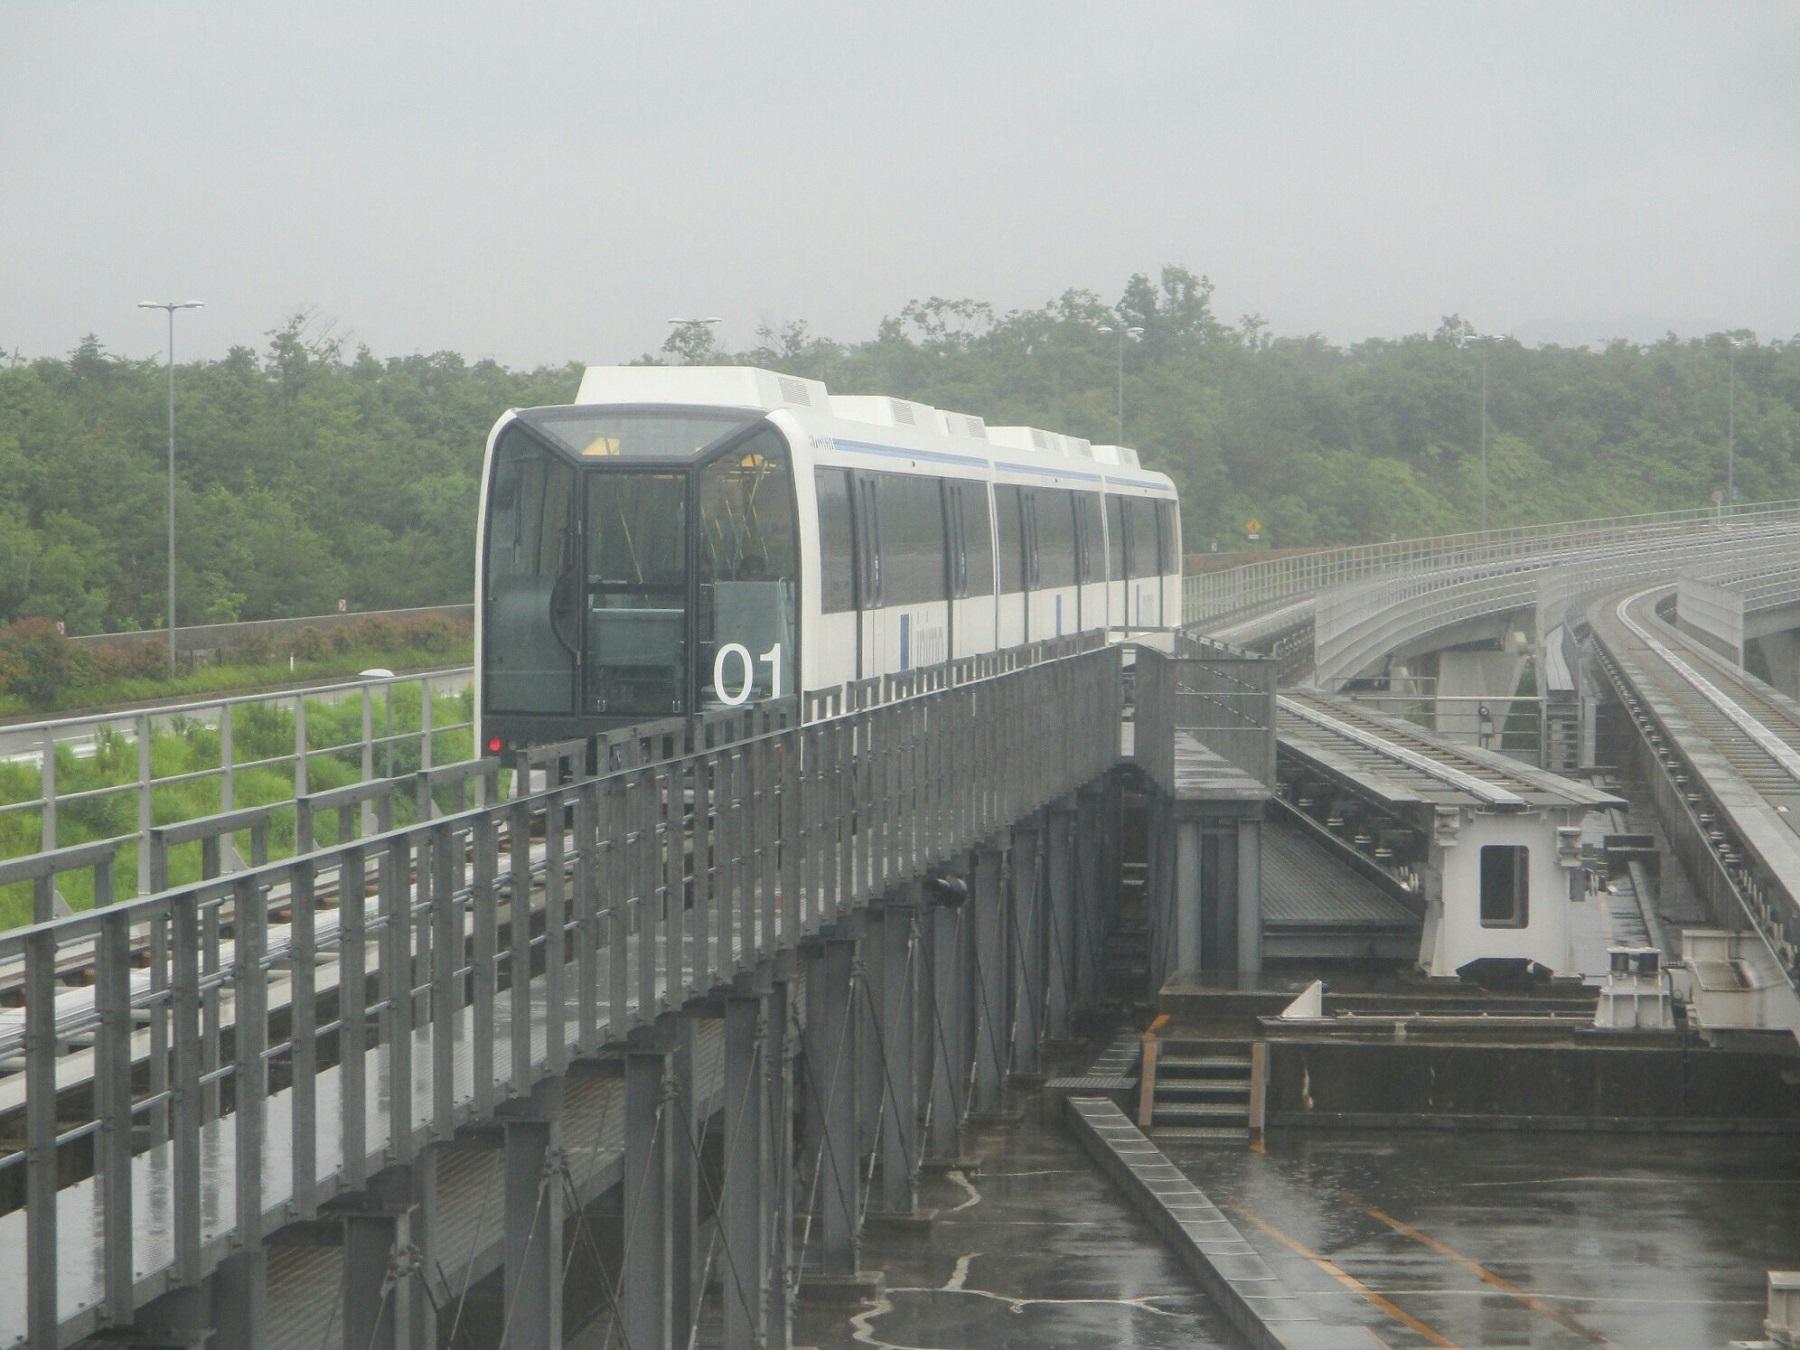 2019.6.30 (82) 愛・地球博記念公園 - 八草いき 1800-1350